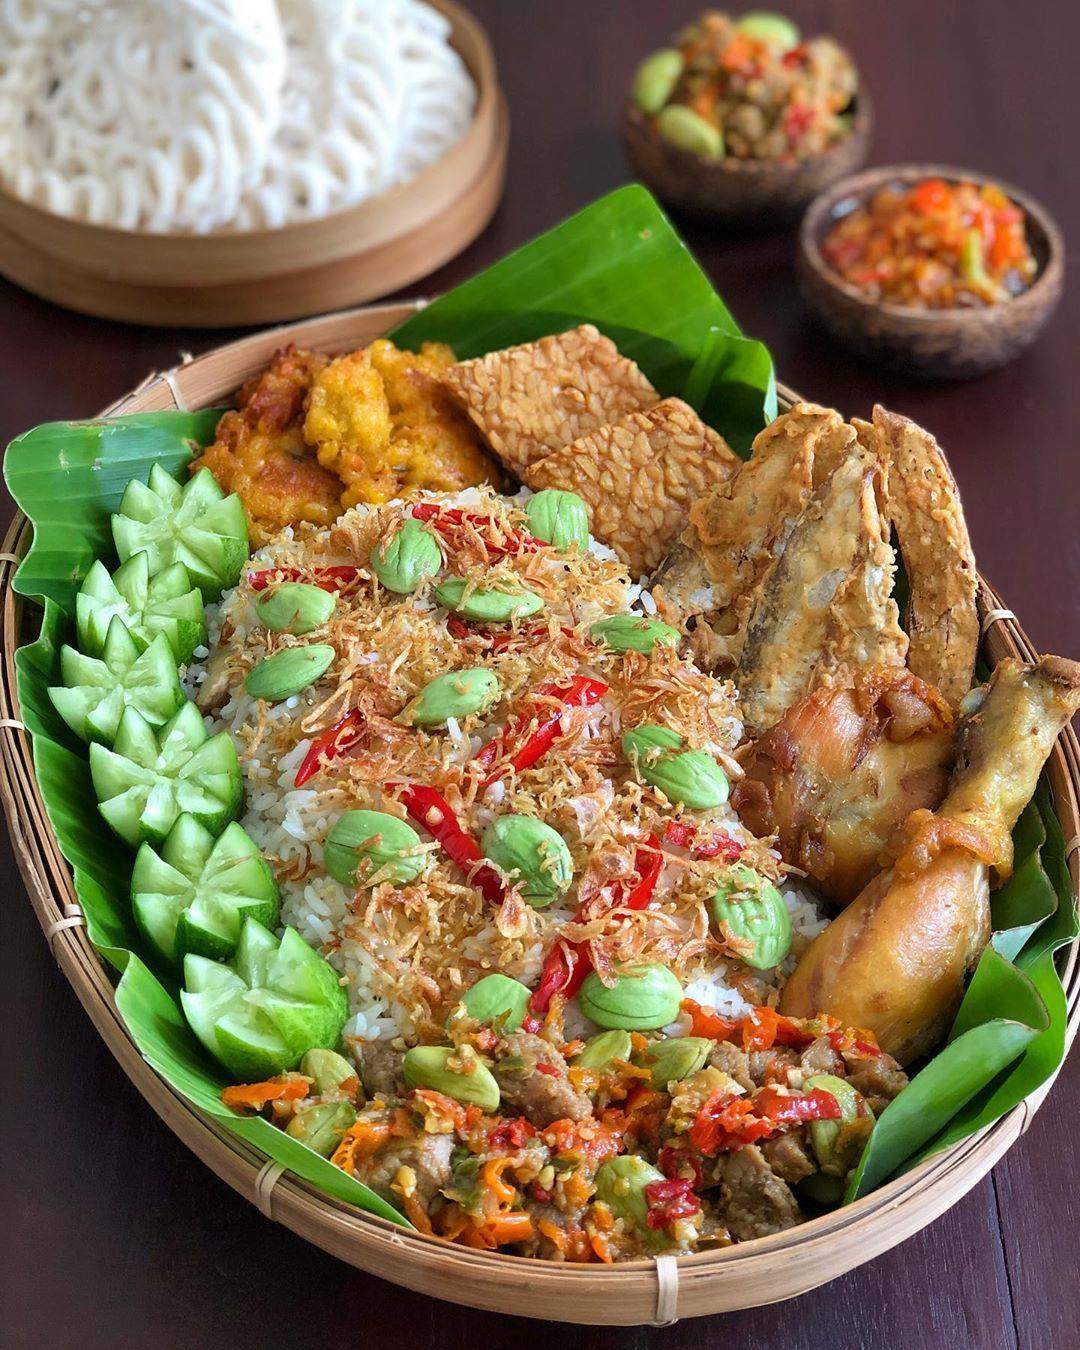 Mrs Wijaya Met Maksi Mantemans Pingin Nasi Liwet Bikin Cm Sedikit Jadi Pke Rice Cooker Aj Biar Makin Gurih Di 2020